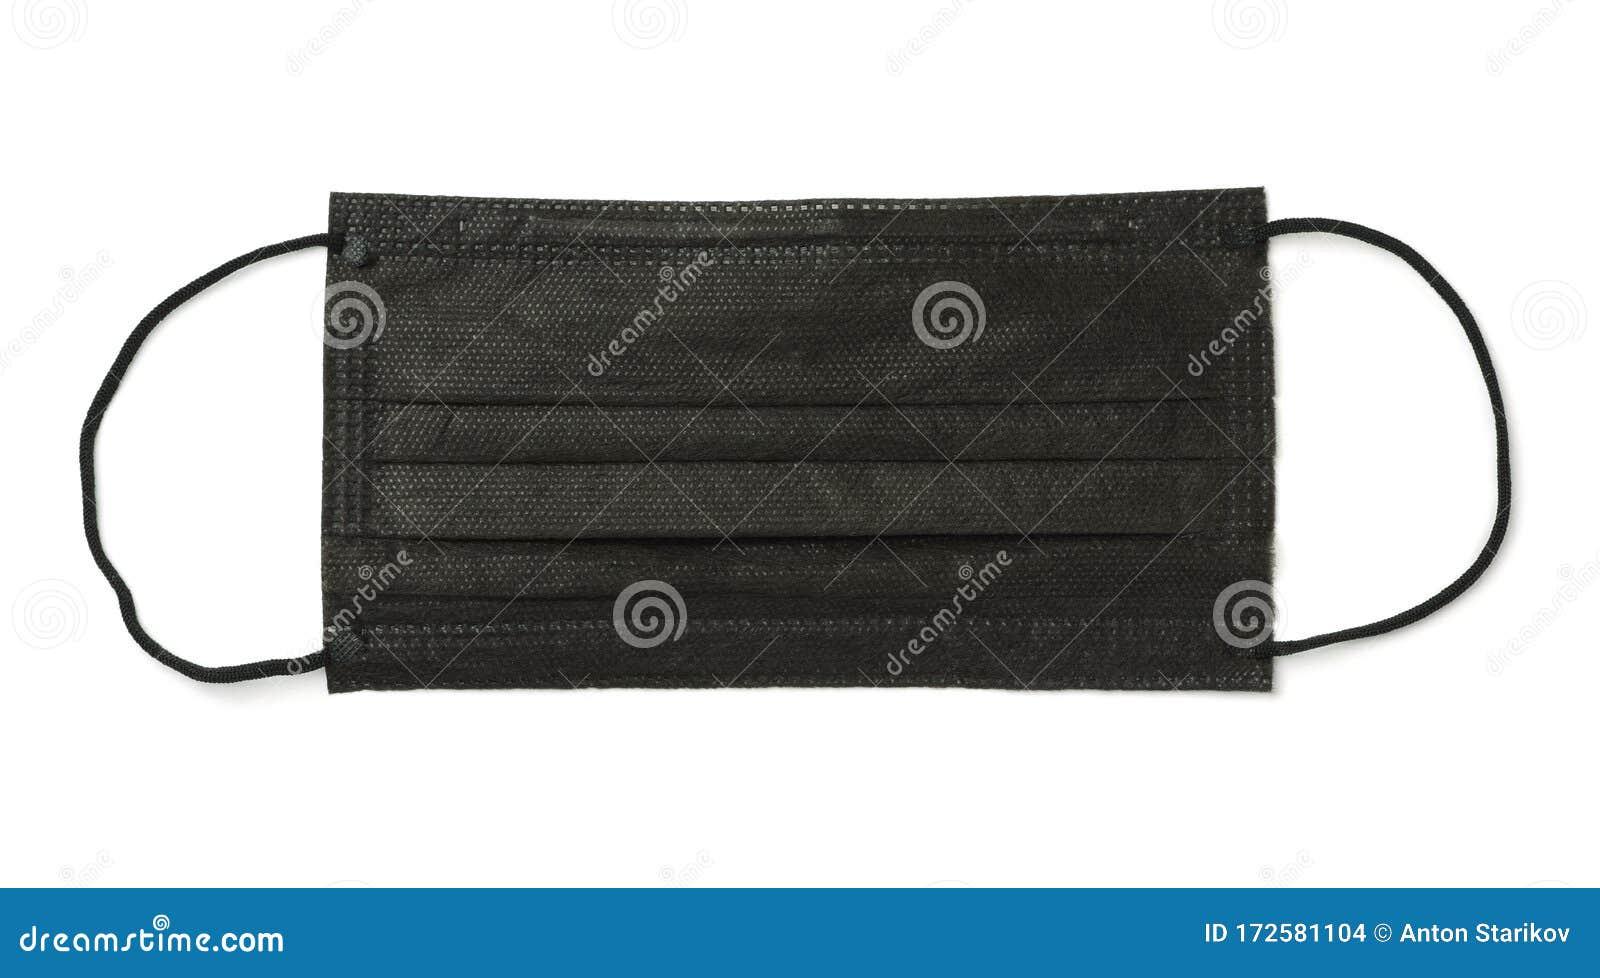 black disposable medical mask